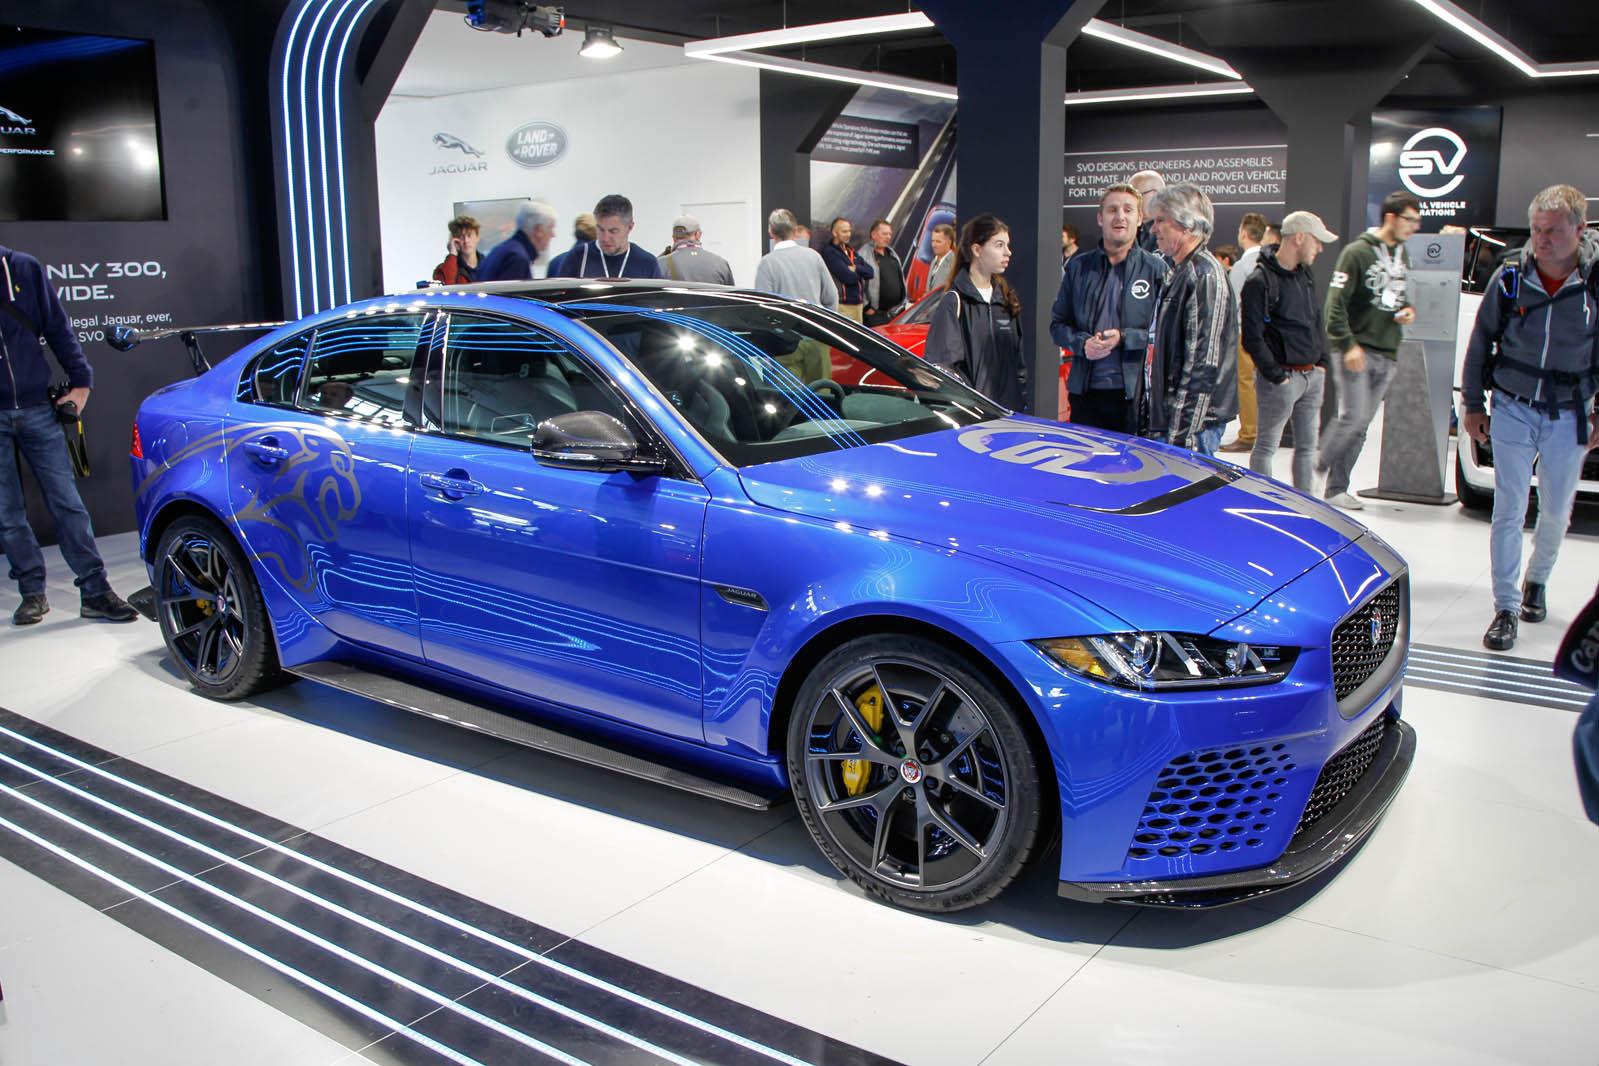 Проект Jaguar XE SV 8 отправляется в Гудвуд-Хиллклимб — на видео